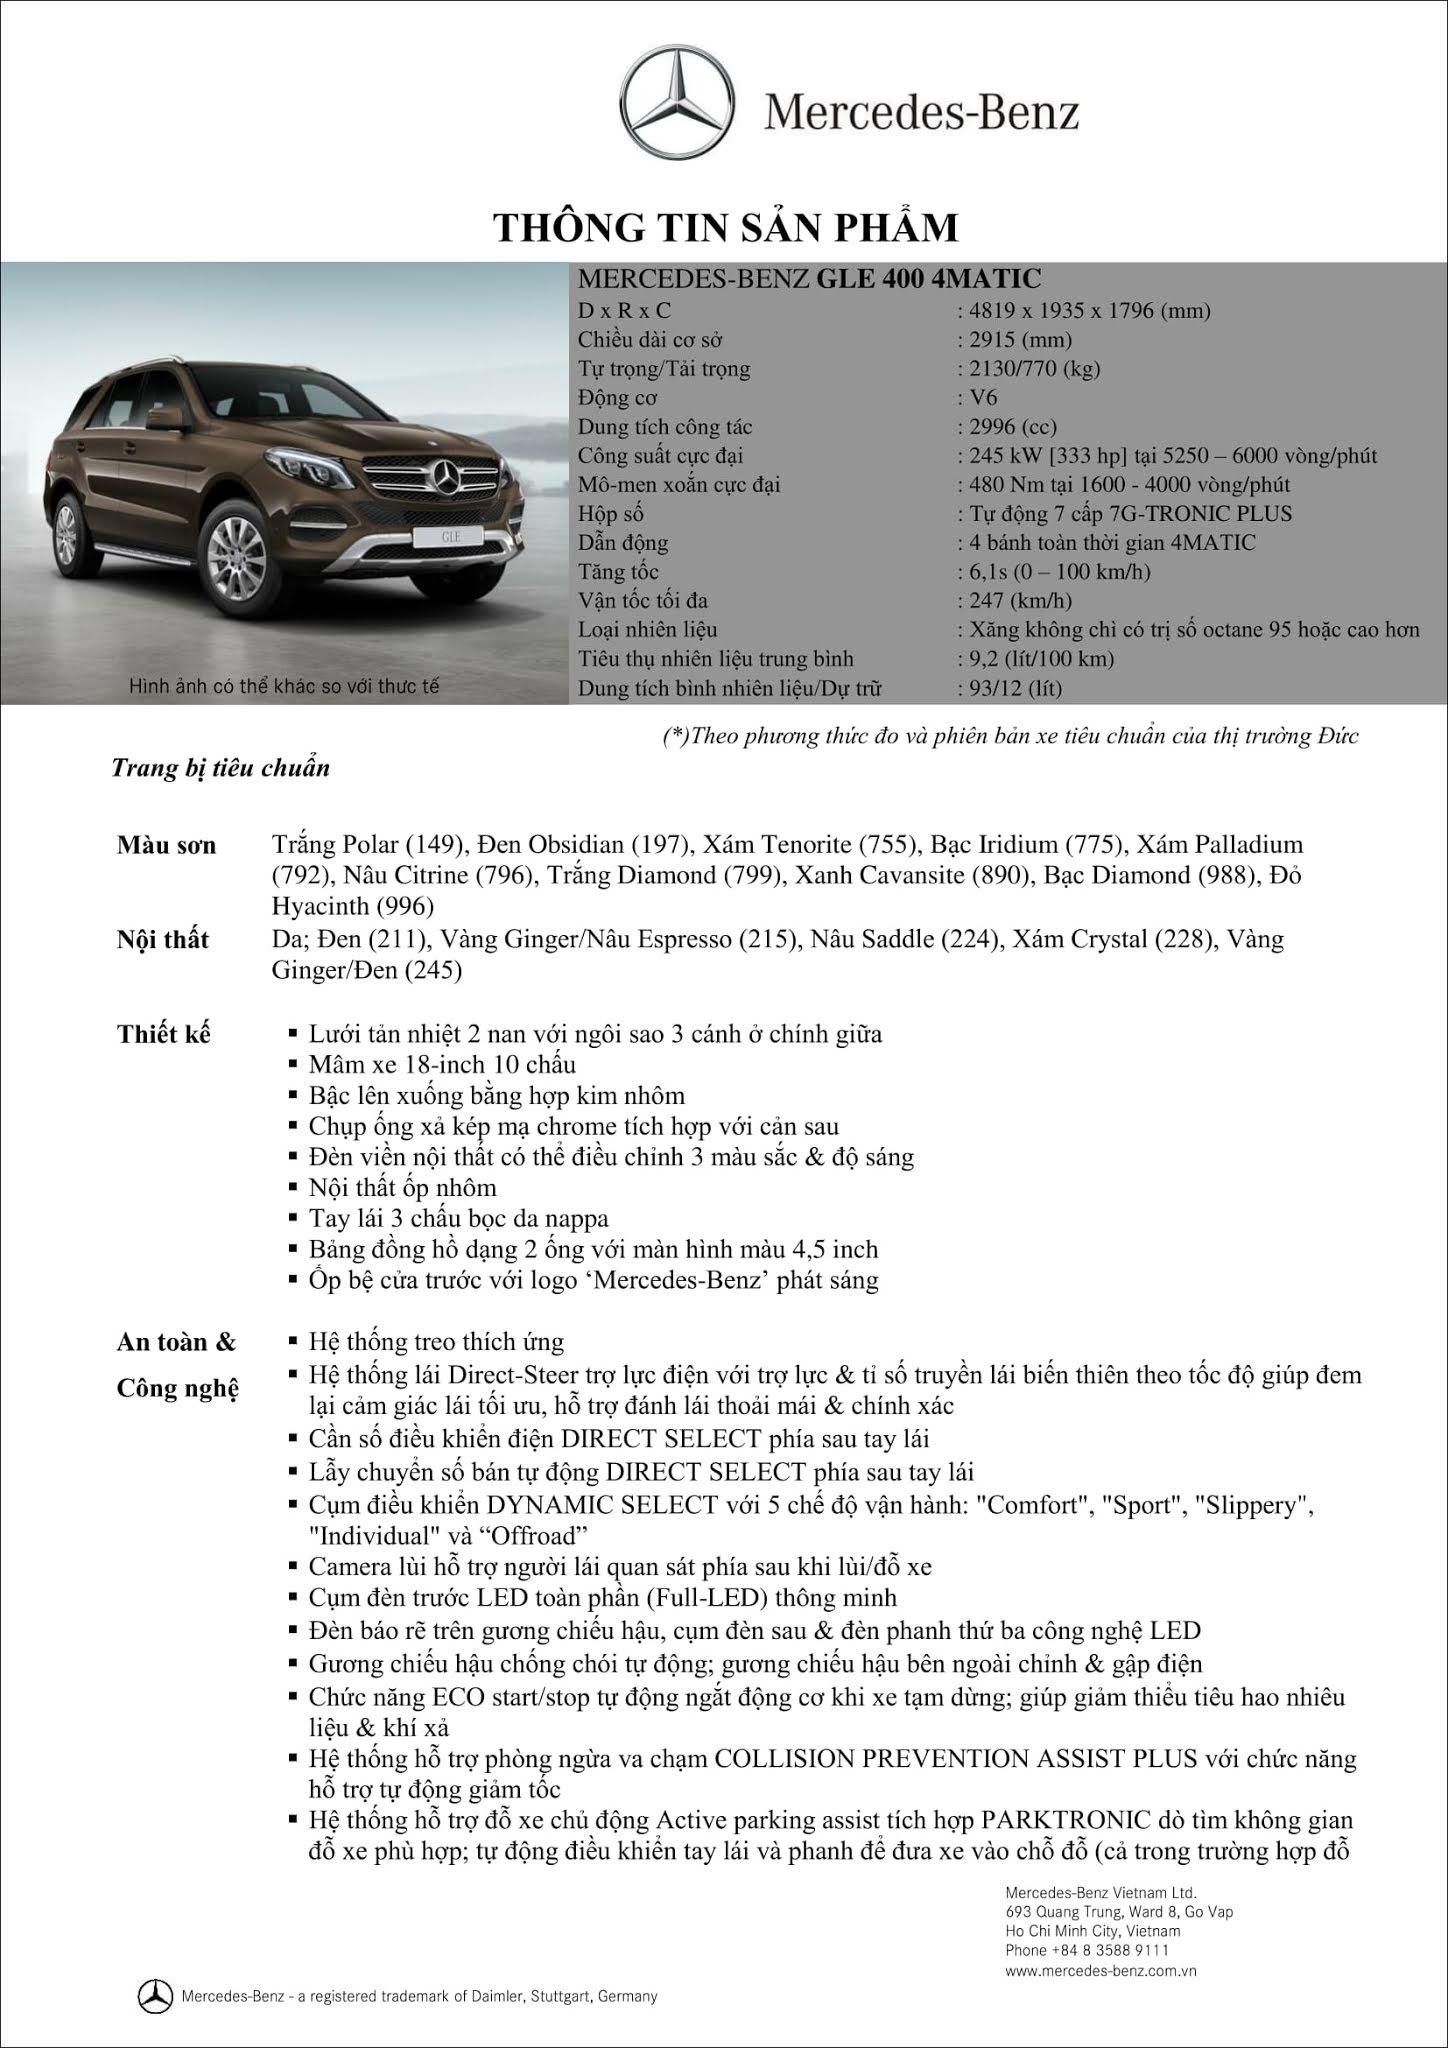 Bảng thông số kỹ thuật Mercedes GLE 400 4MATIC 2019 mới nhất